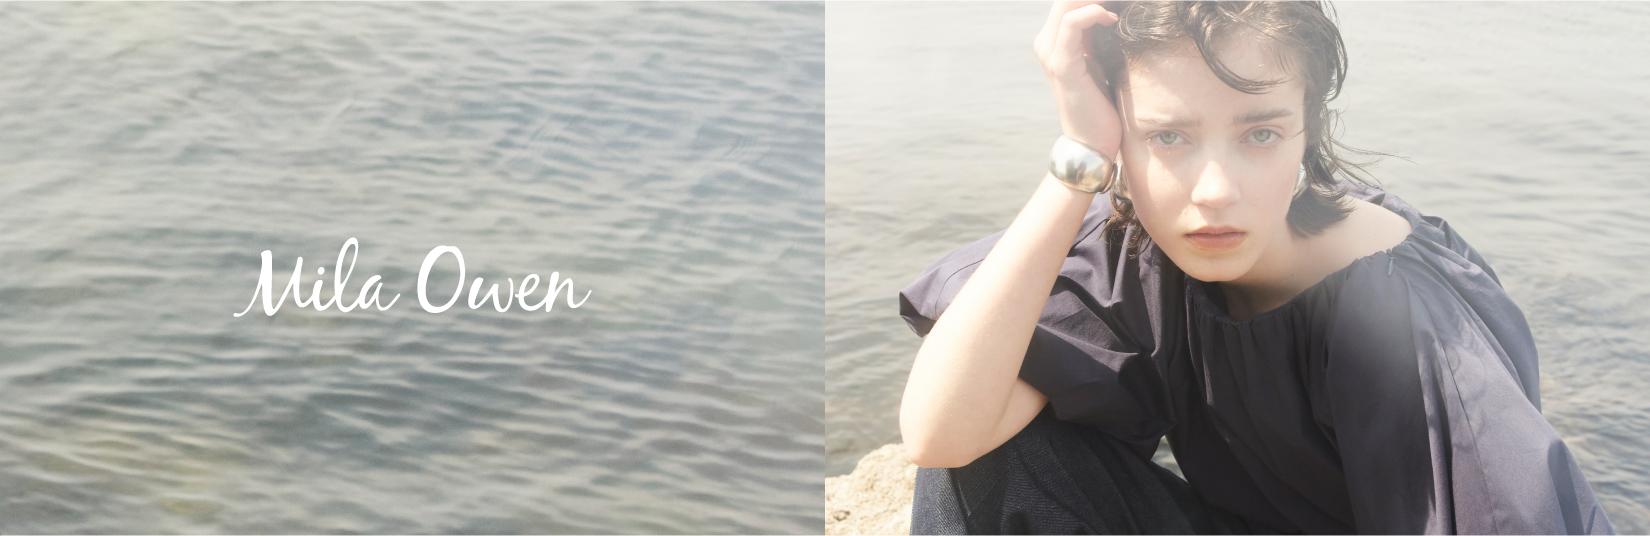 ミラ オーウェン セール